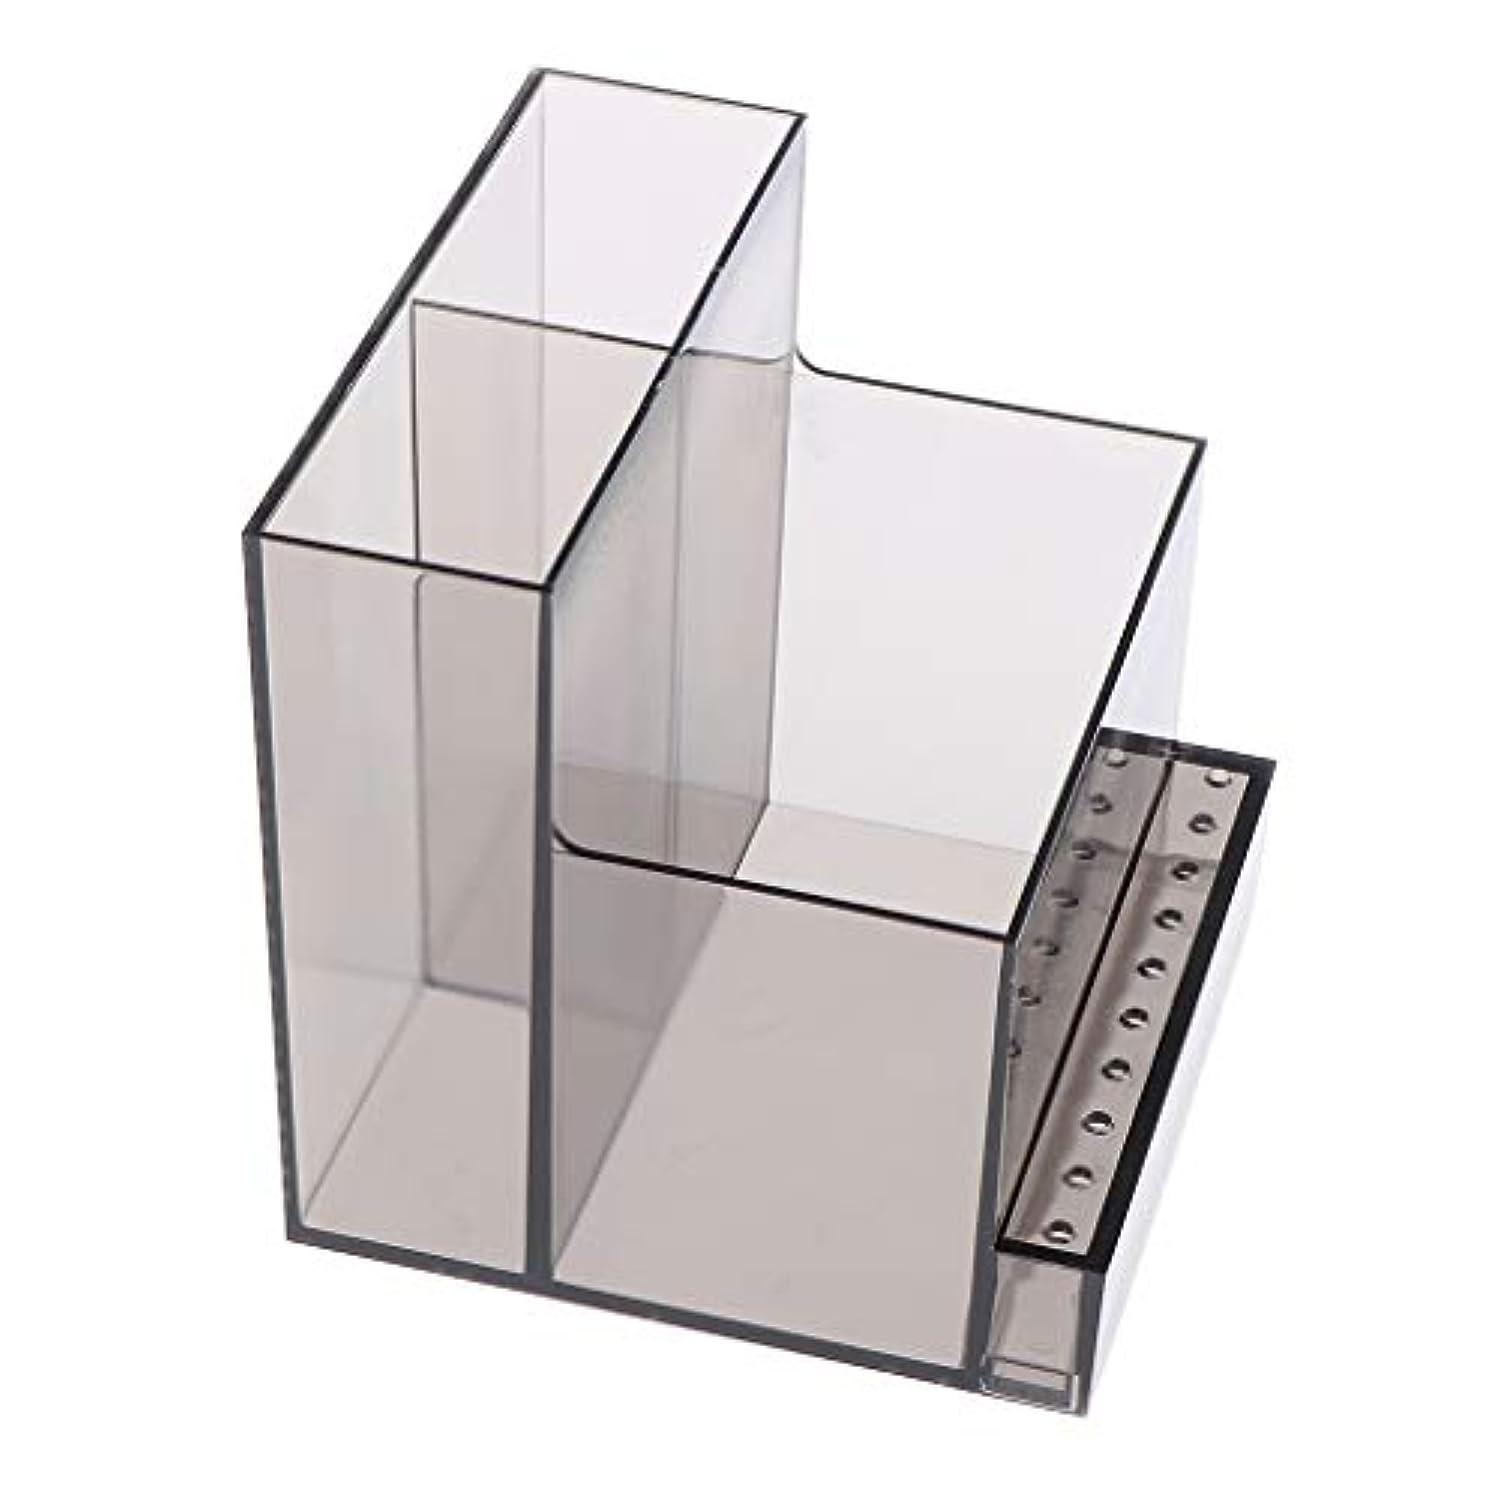 節約する不愉快に論争的B Baosity ネイルドリルマシンホルダー アクリル製 収納ホルダー ボックス プロ ネイルサロン 2色選べ - ブラック